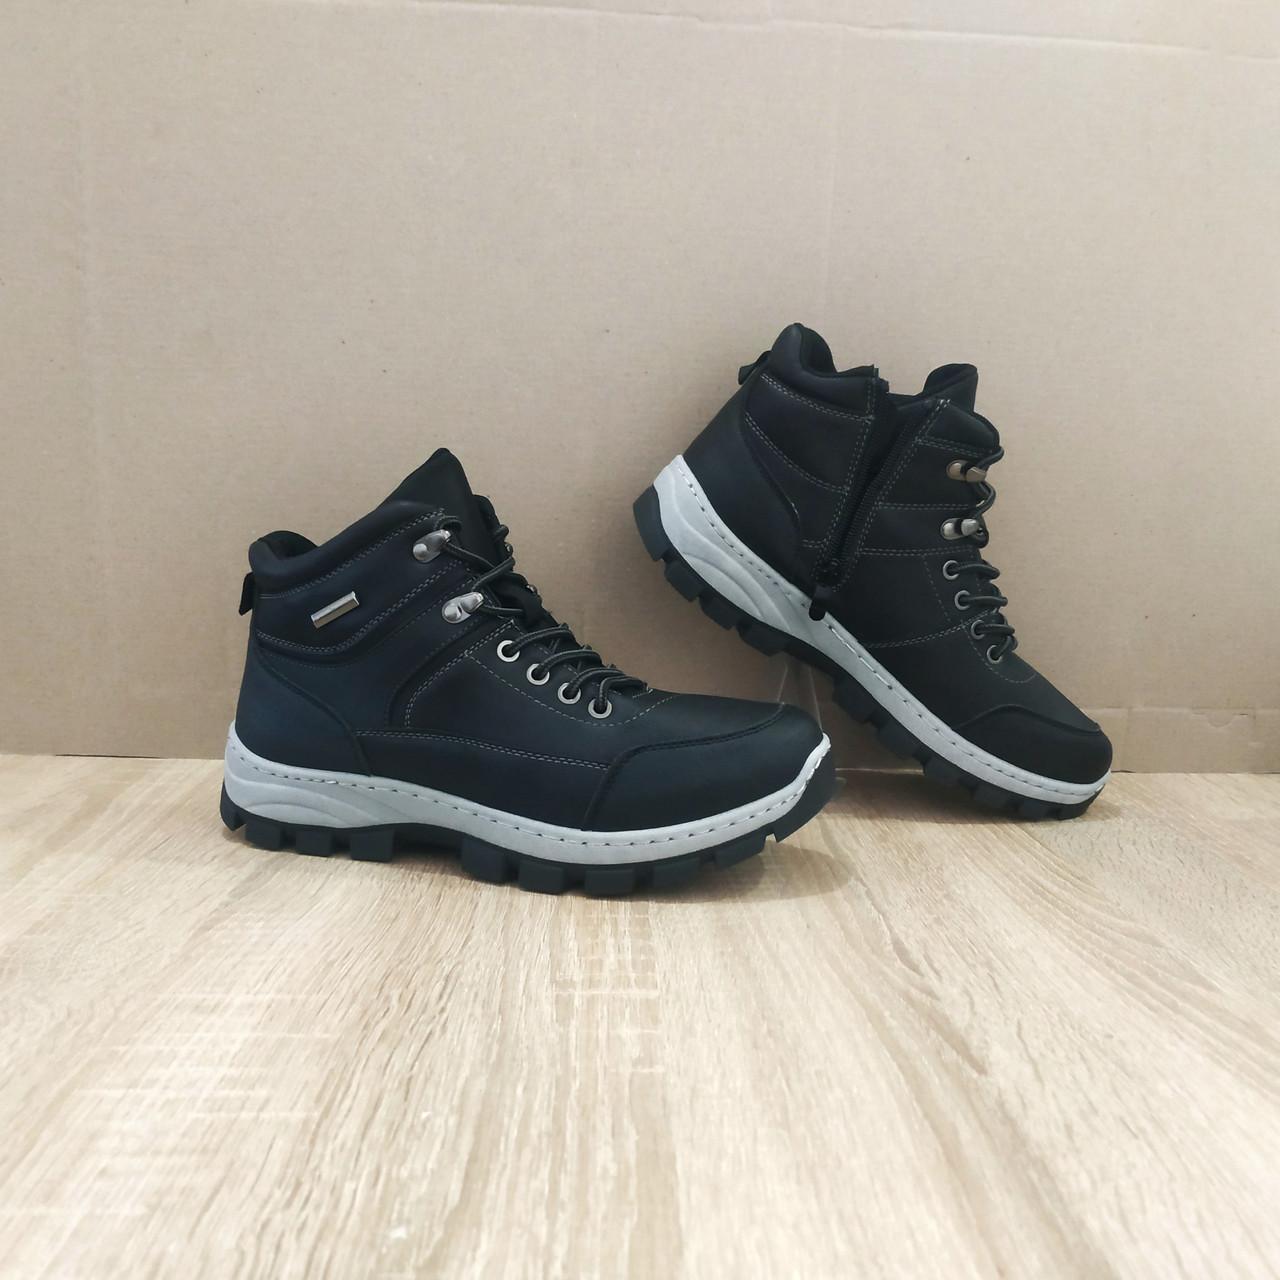 Черные Мужские Ботинки кожаные высокие зимние на змейке теплые эко - кожа в стиле timberland чоботи чоловічі